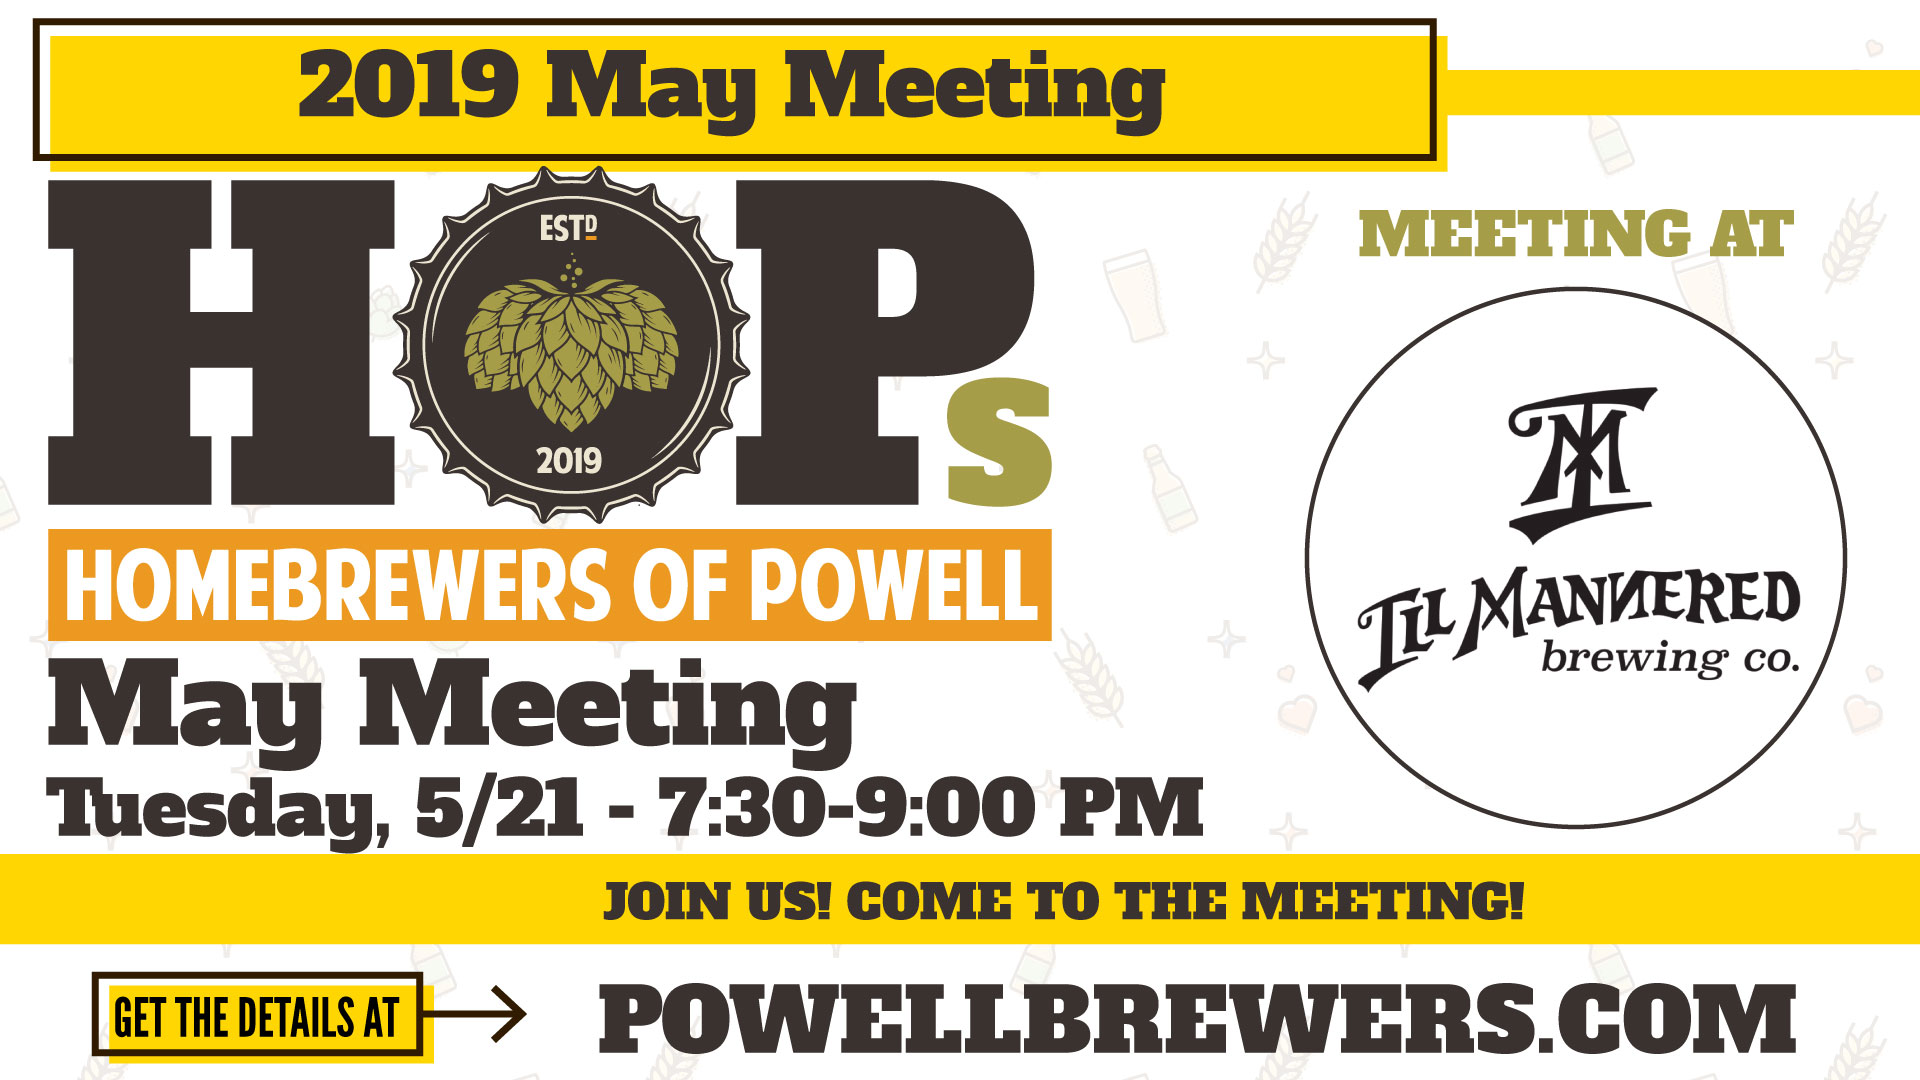 May 2019 Meeting